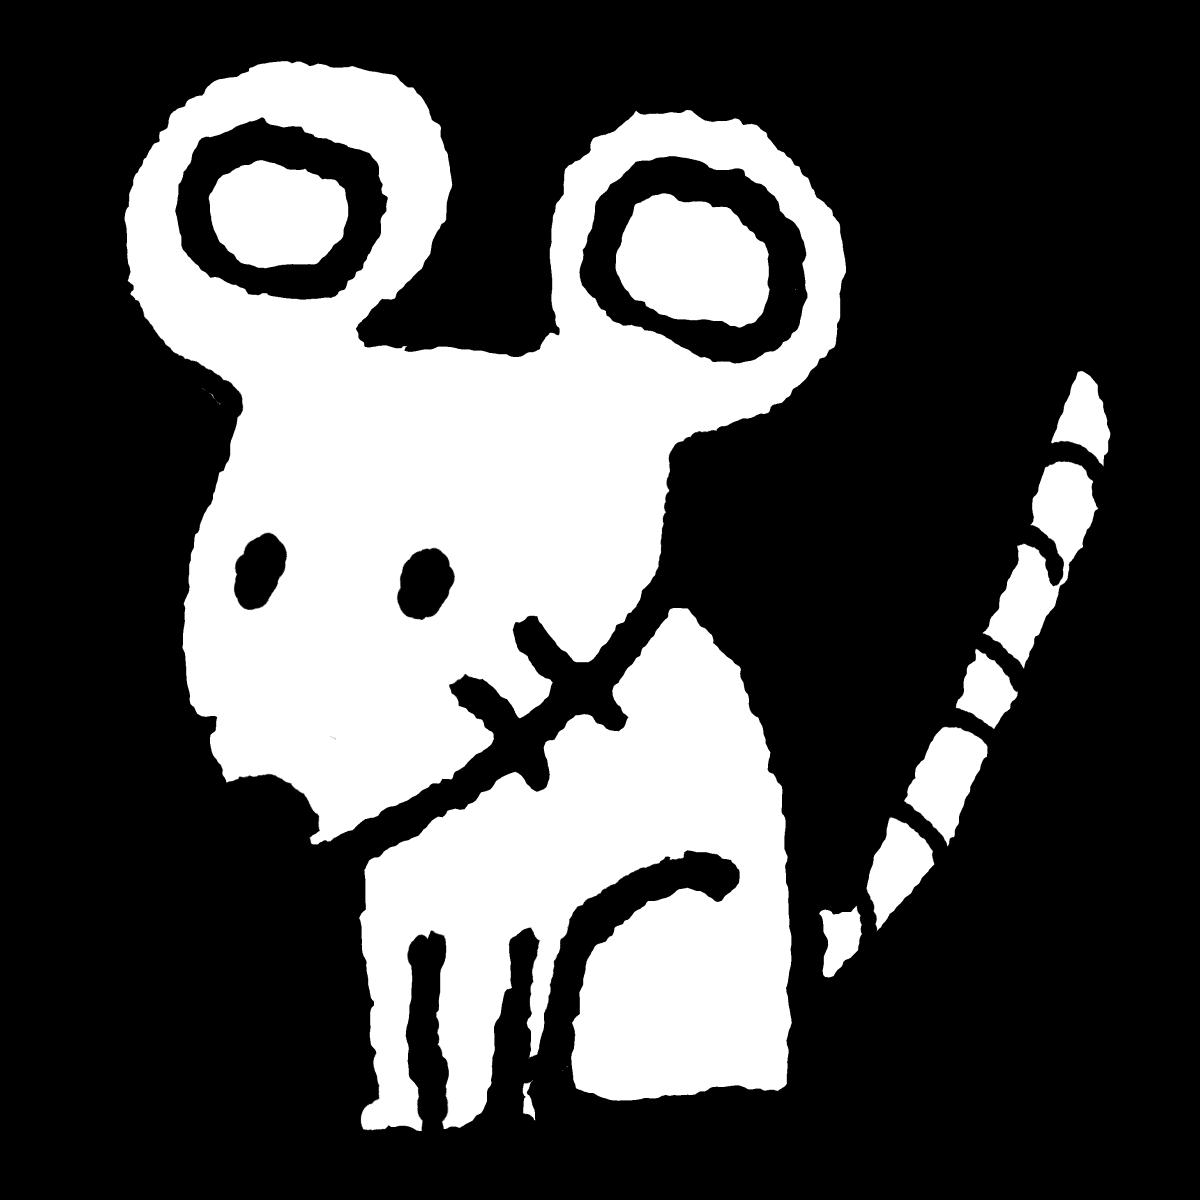 座るネズミのイラスト / Sitting mouse Illustration